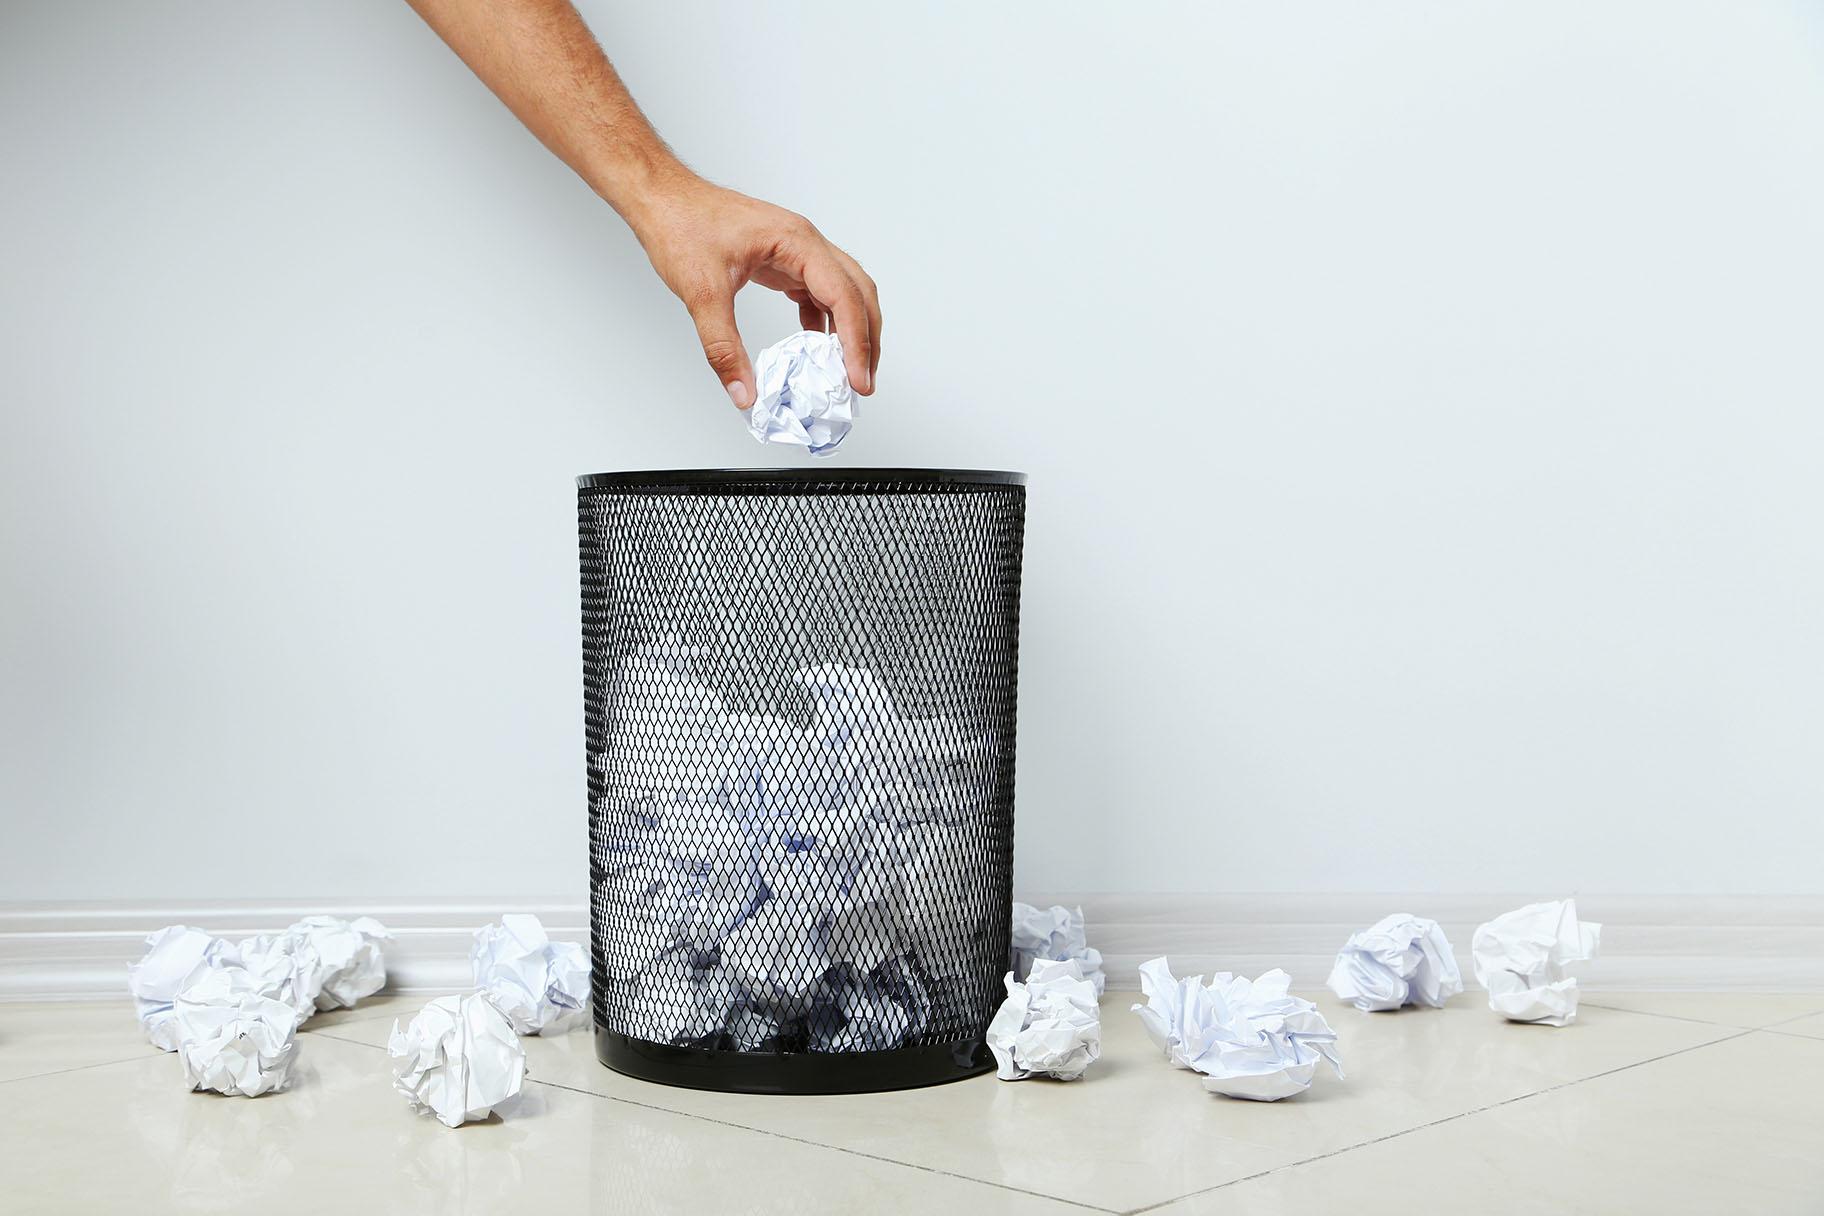 Waste paper is the chief ingredient of Hannah Elisabeth Jones's BioMarble material